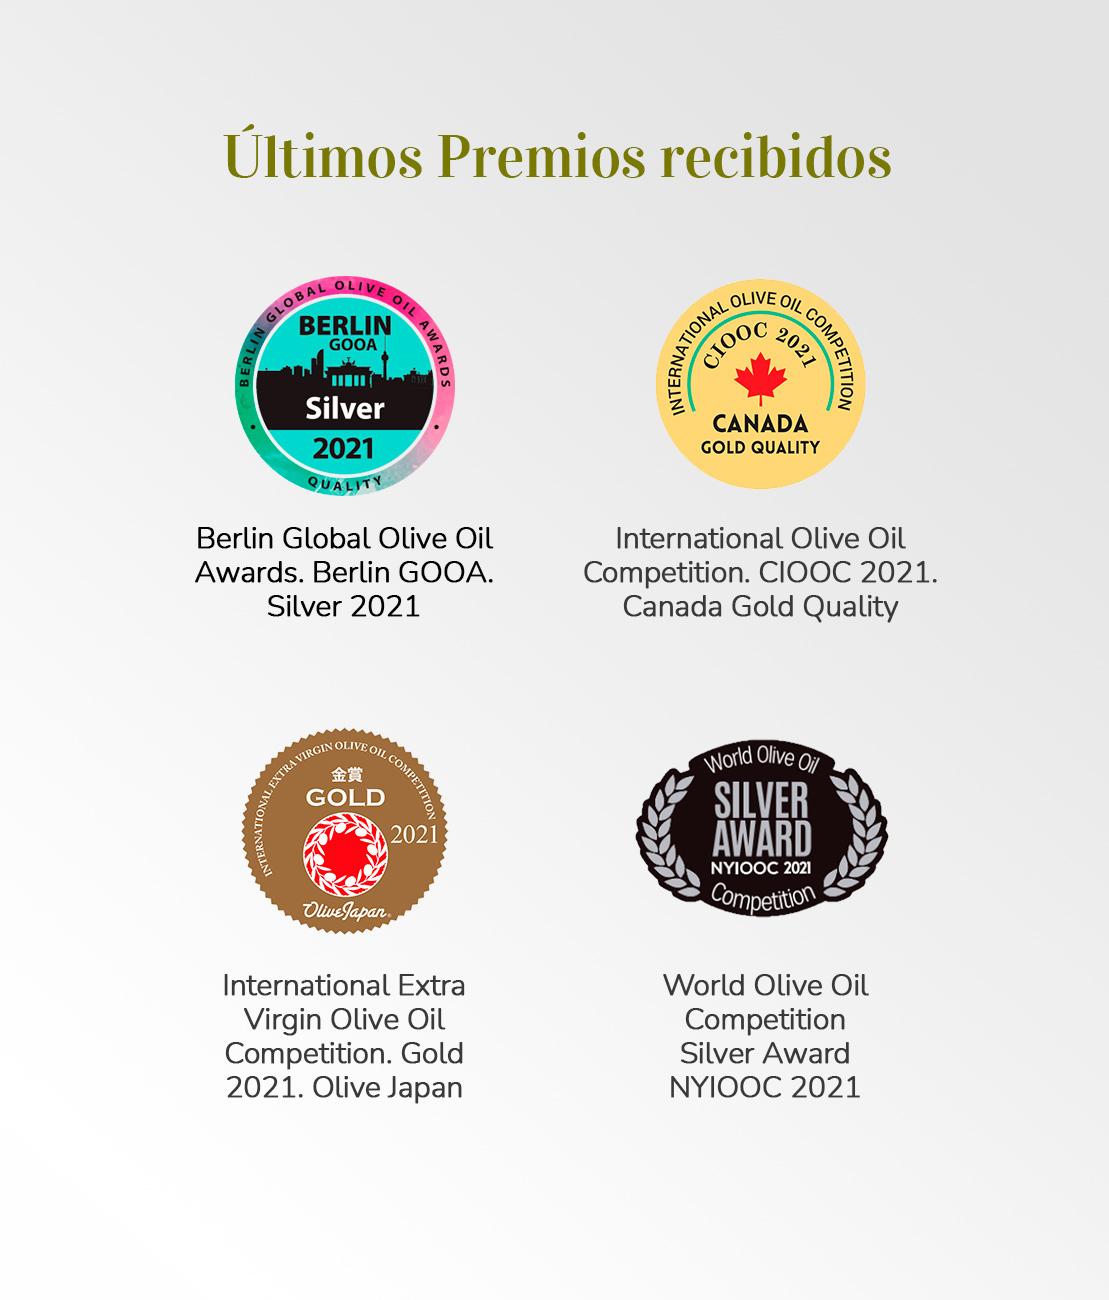 ultimos-premios-de-Pack-Premium